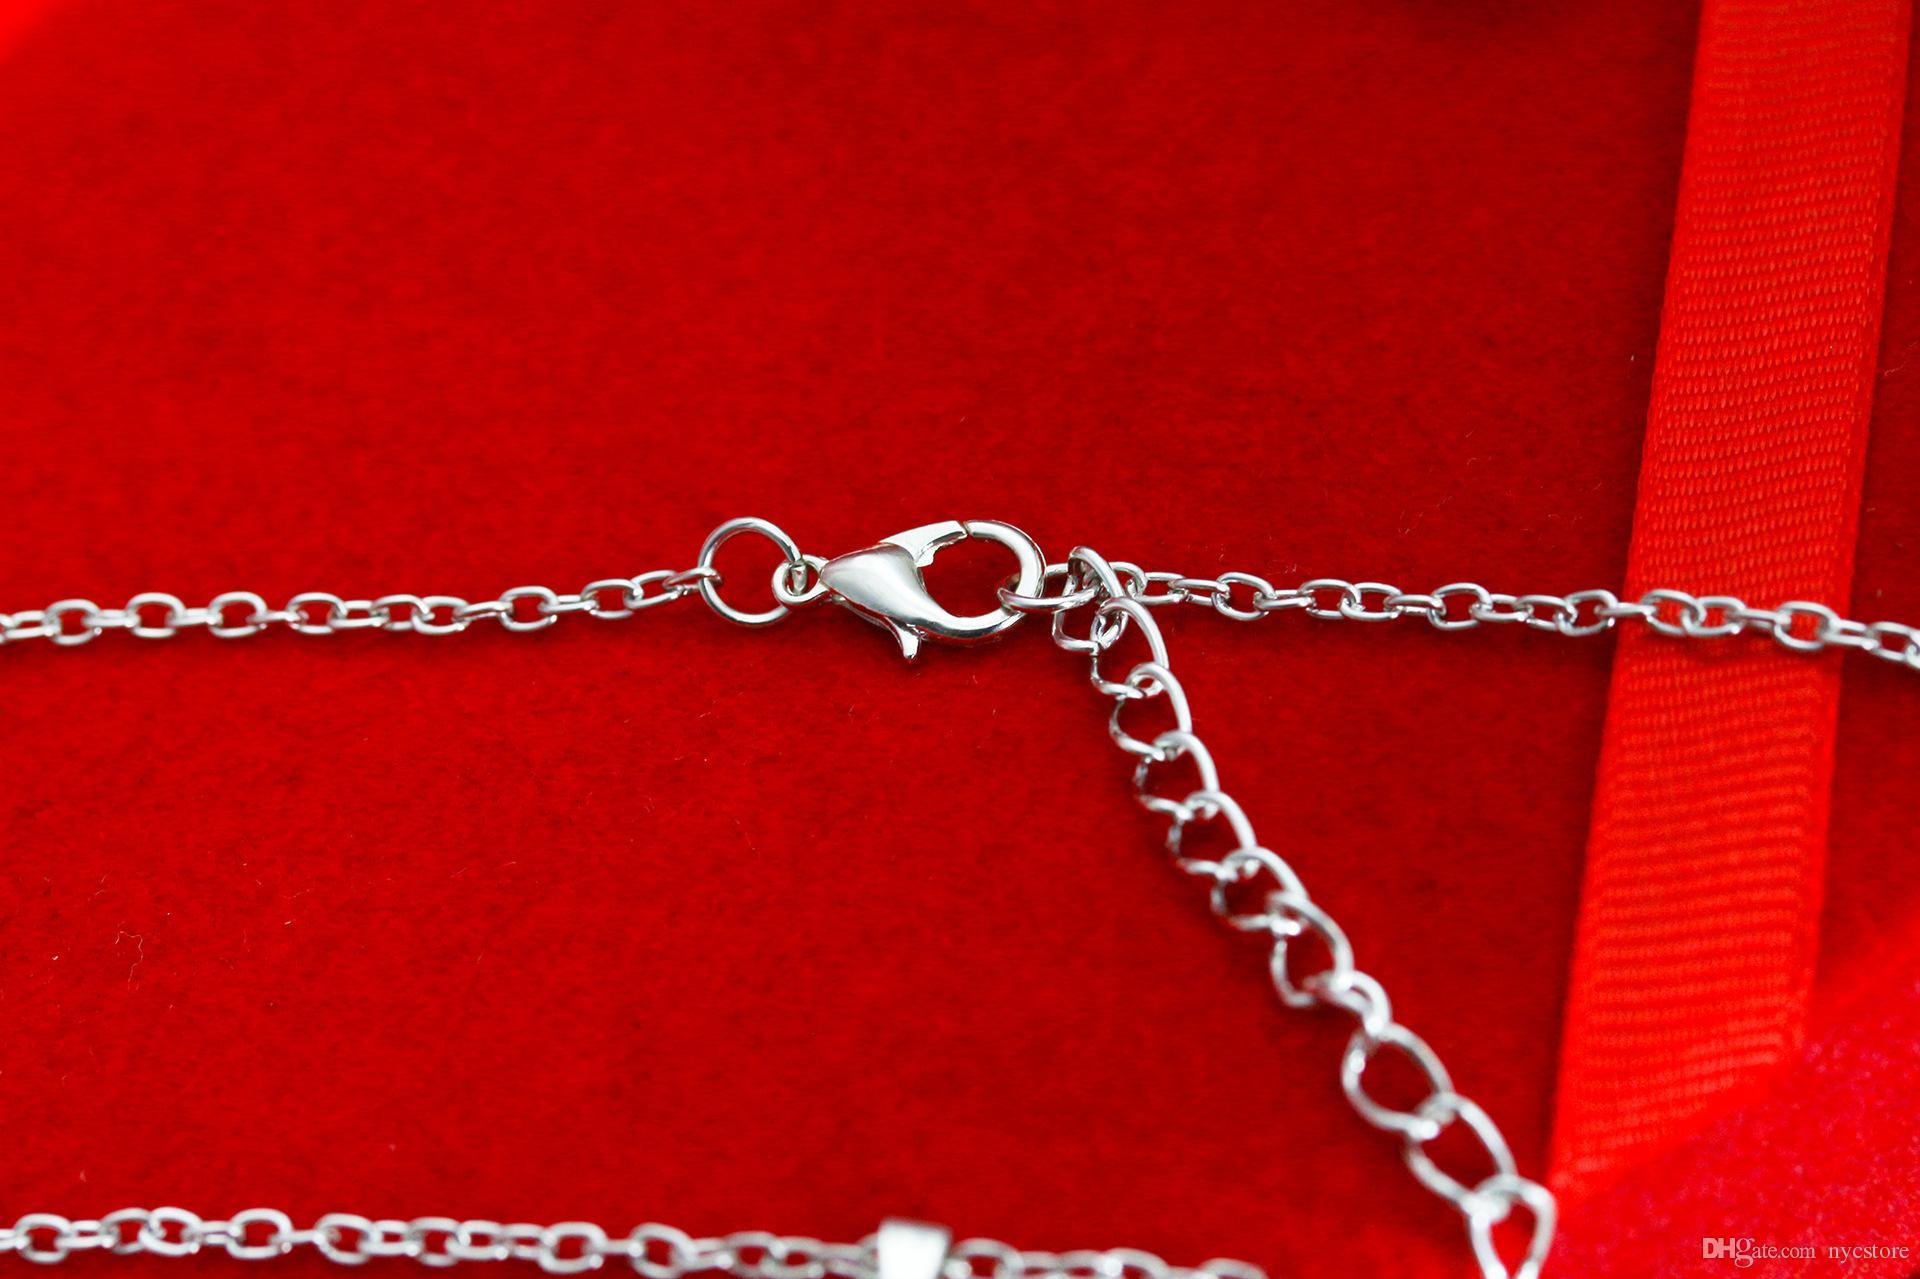 Liga de metal bonito animal gato pata pata colar ouro prata cão garra patas em forma de colar de pingente mulheres menina moda jóias